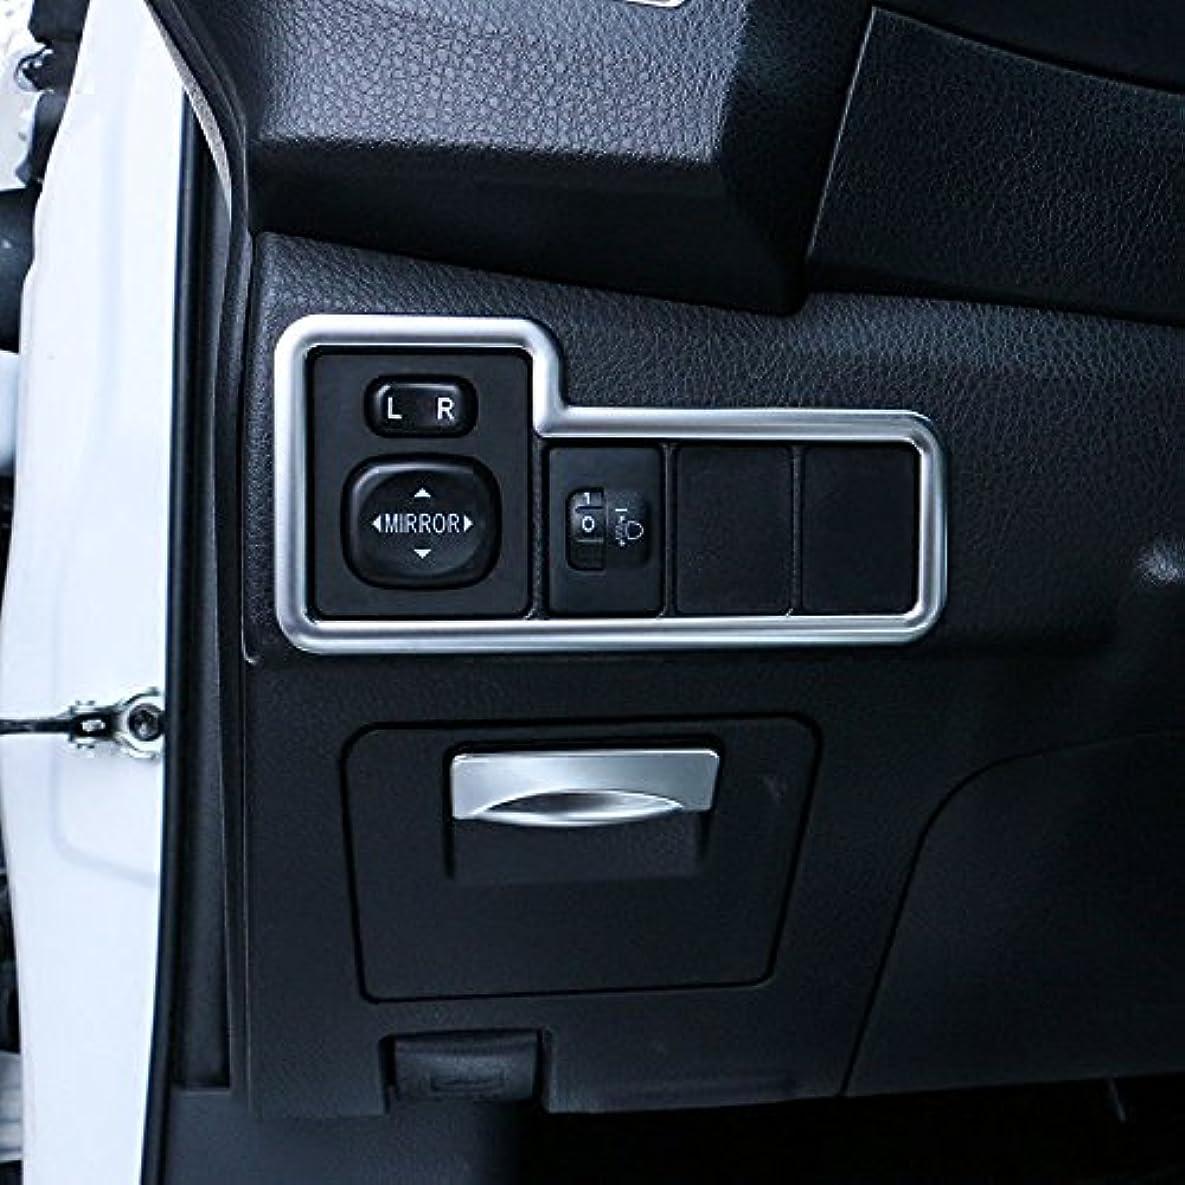 実行死の顎疑い者Jicorzo - 2pcs Car Head Light Switch Button + Storage Box Handle Cover Fit for Toyota Corolla 2014-2017 Car Interior Accessories Styling